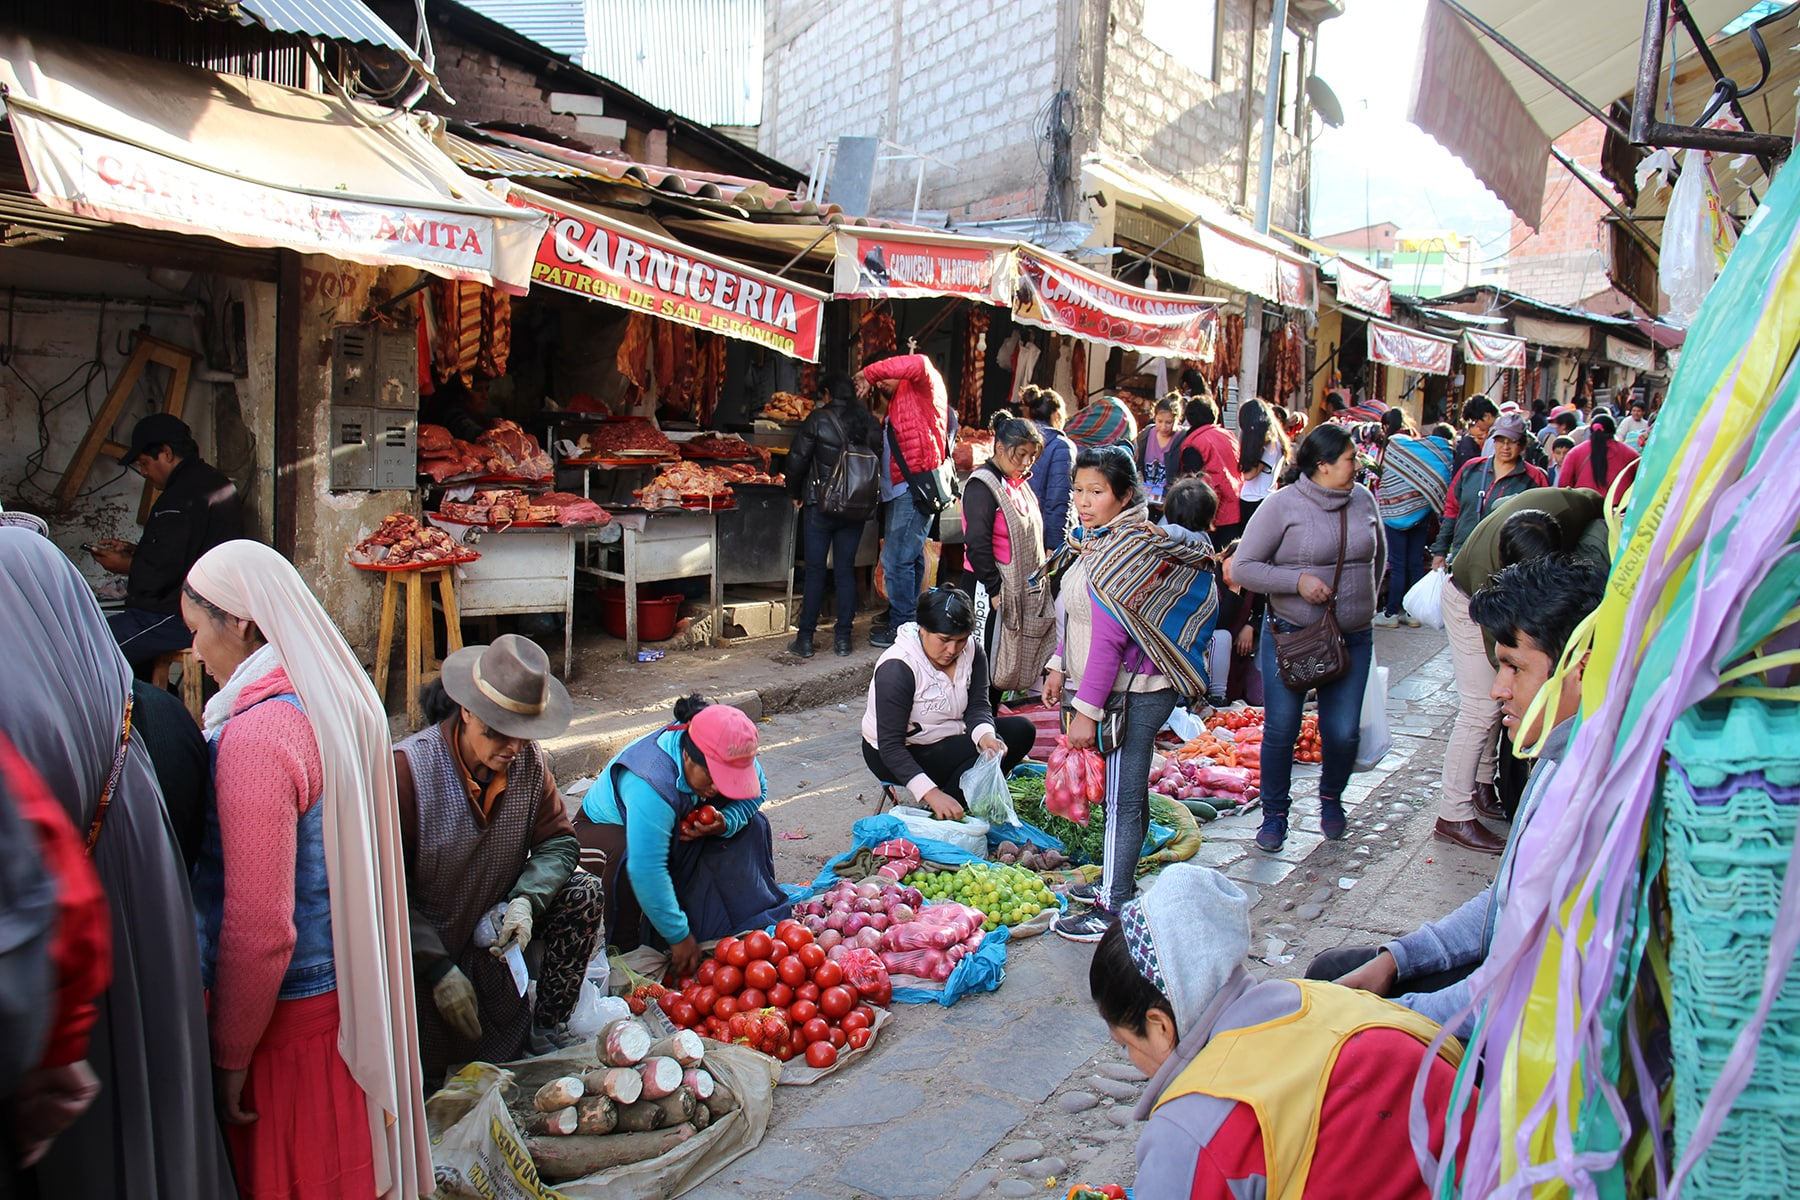 Il quartiere del mercato, Cuzco